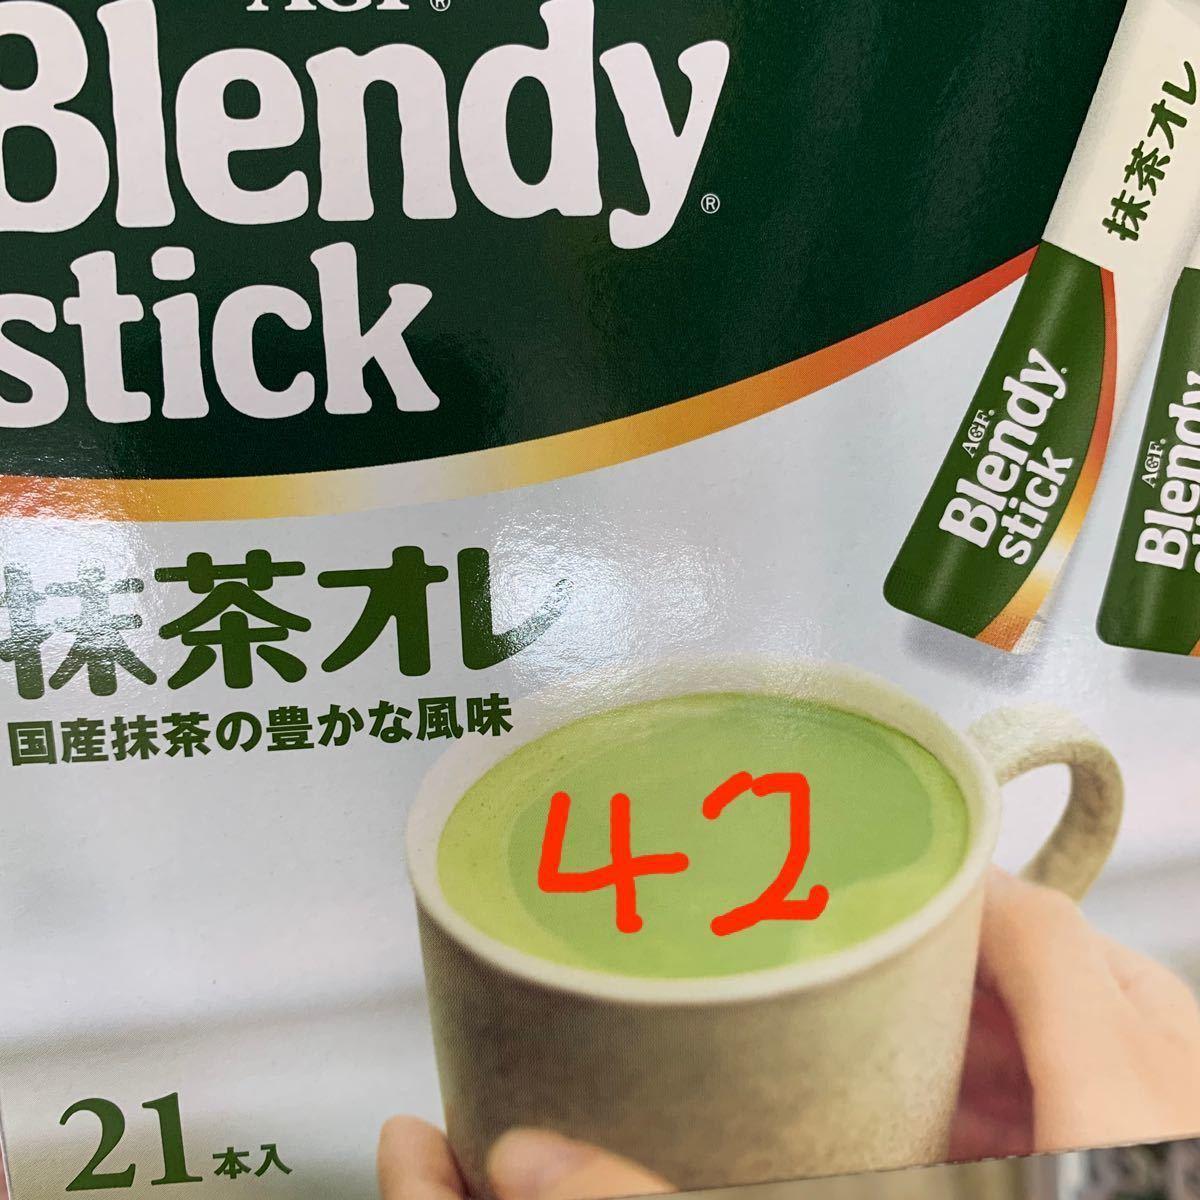 AGF ブレンディスティック抹茶オレ42本(送料込み)